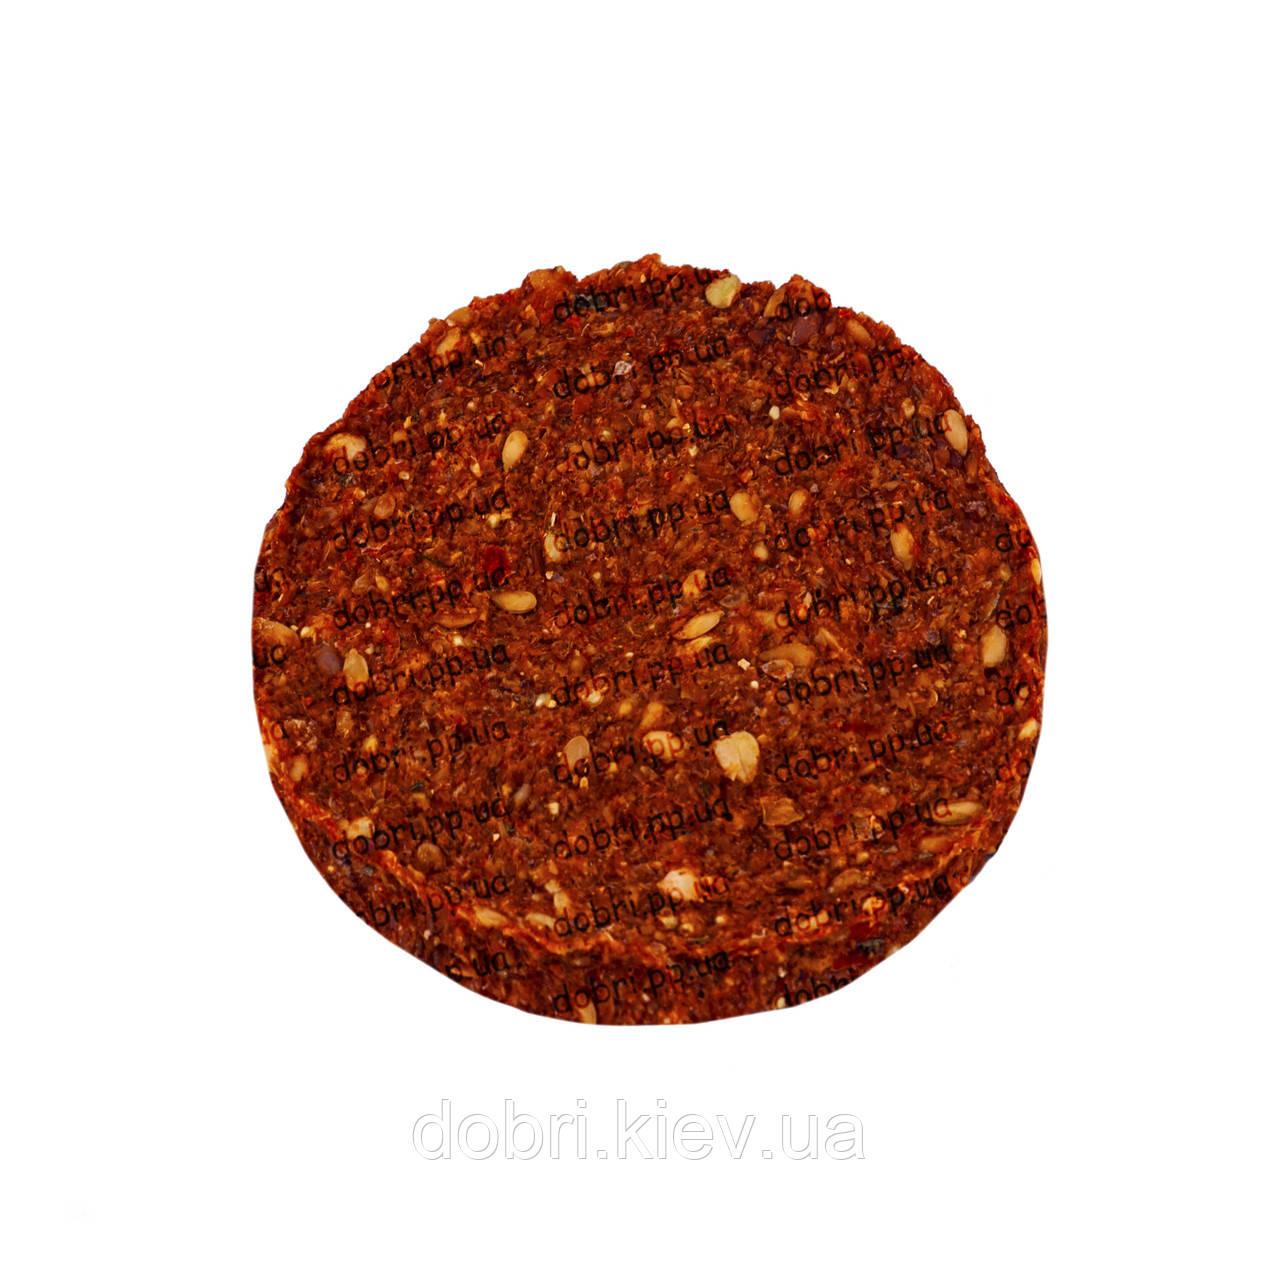 Хлебцы гречишно-льняные с помидорами (100 г).  RAW